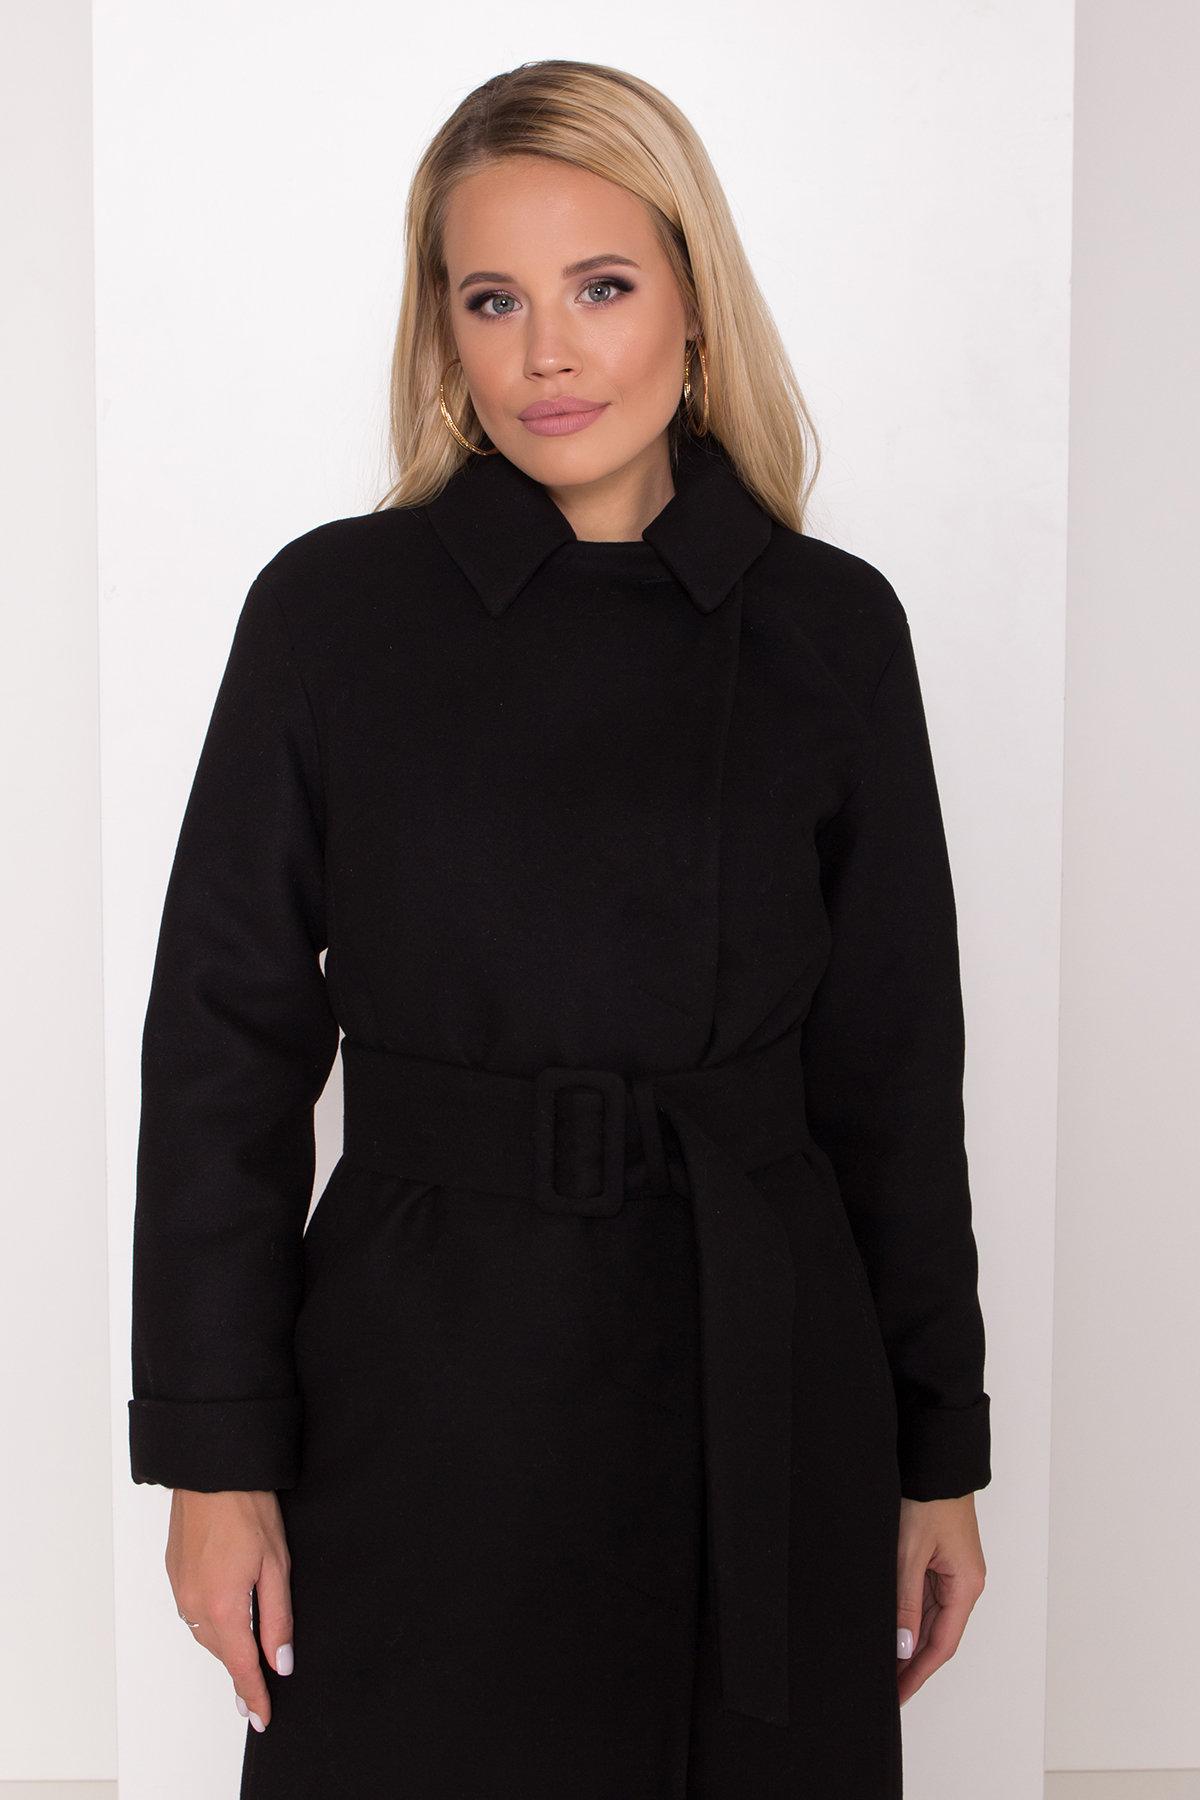 Зимнее пальто в классическом стиле Лизи 8179 АРТ. 44194 Цвет: Черный НL -1 - фото 5, интернет магазин tm-modus.ru